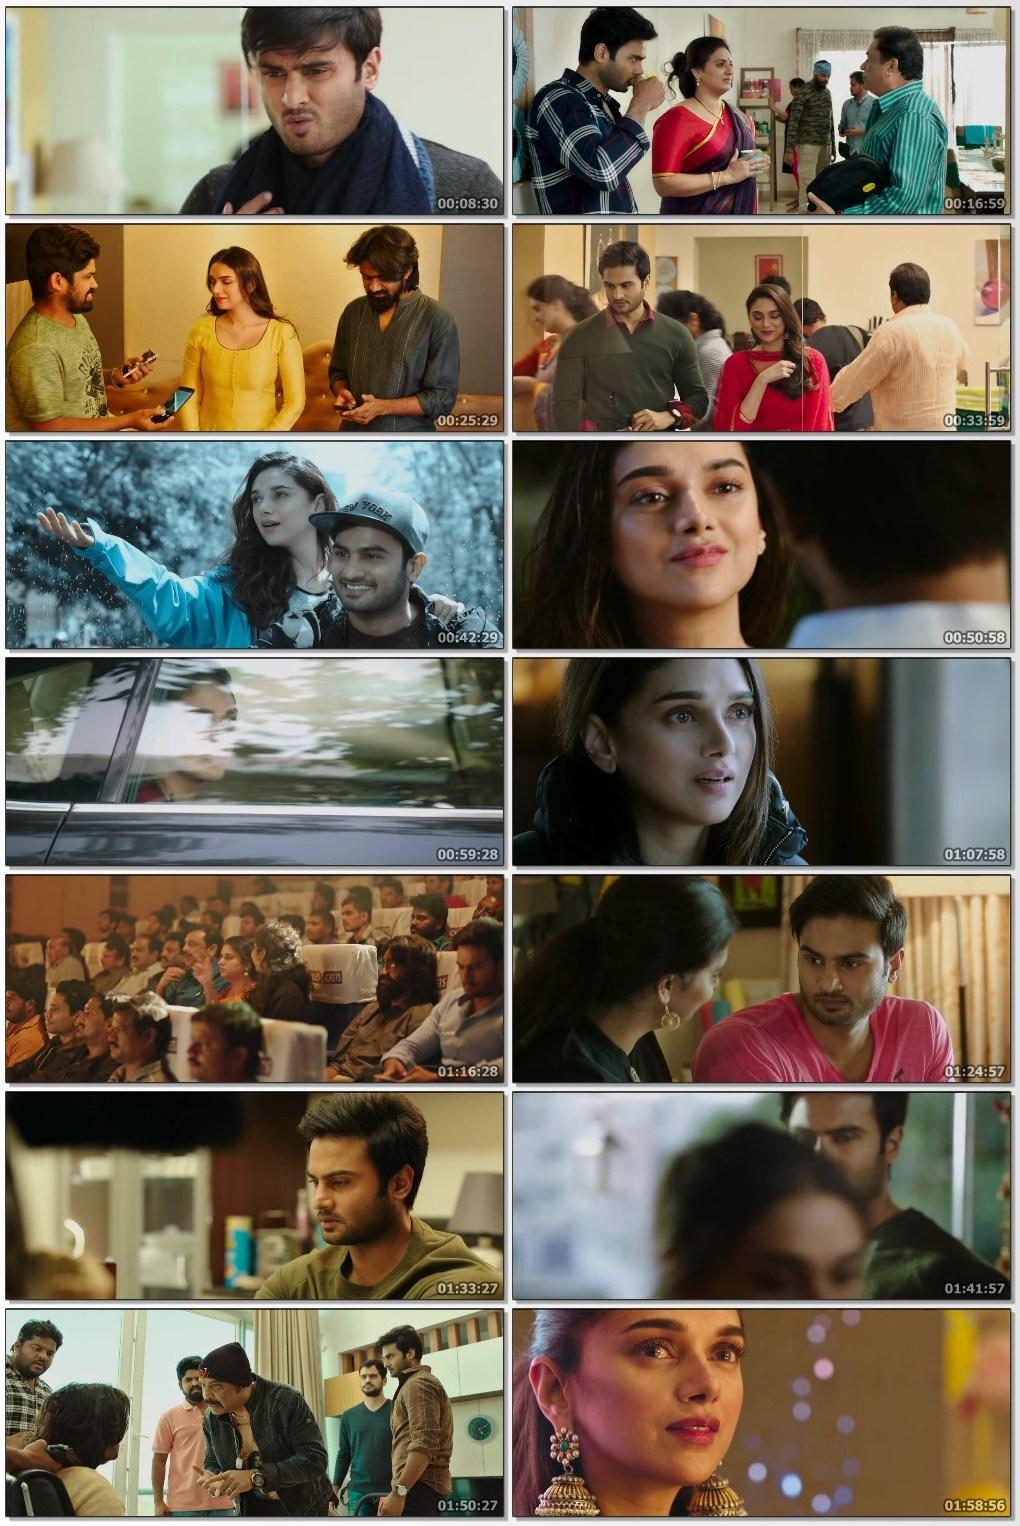 sammohanam movie download hd, sammohanam movie download in hindi 480p, sammohanam movie download 300mb, sammohanam movie download in hindi 720p